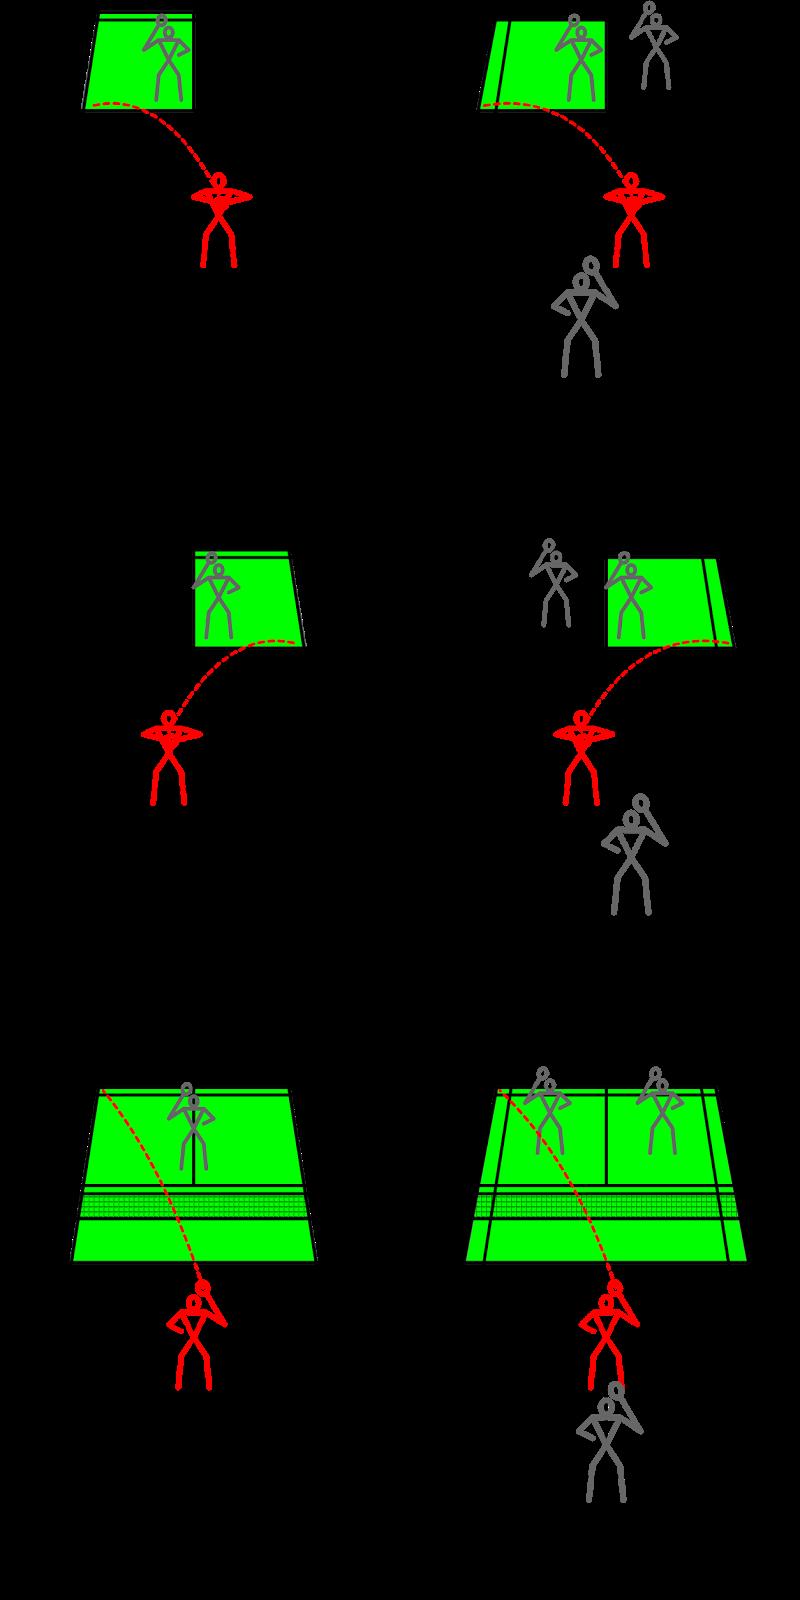 Aturan Main Bulu Tangkis : aturan, tangkis, Peraturan, Service, Tangkis, (Badminton), Terbaru, ATURAN, PERMAINAN